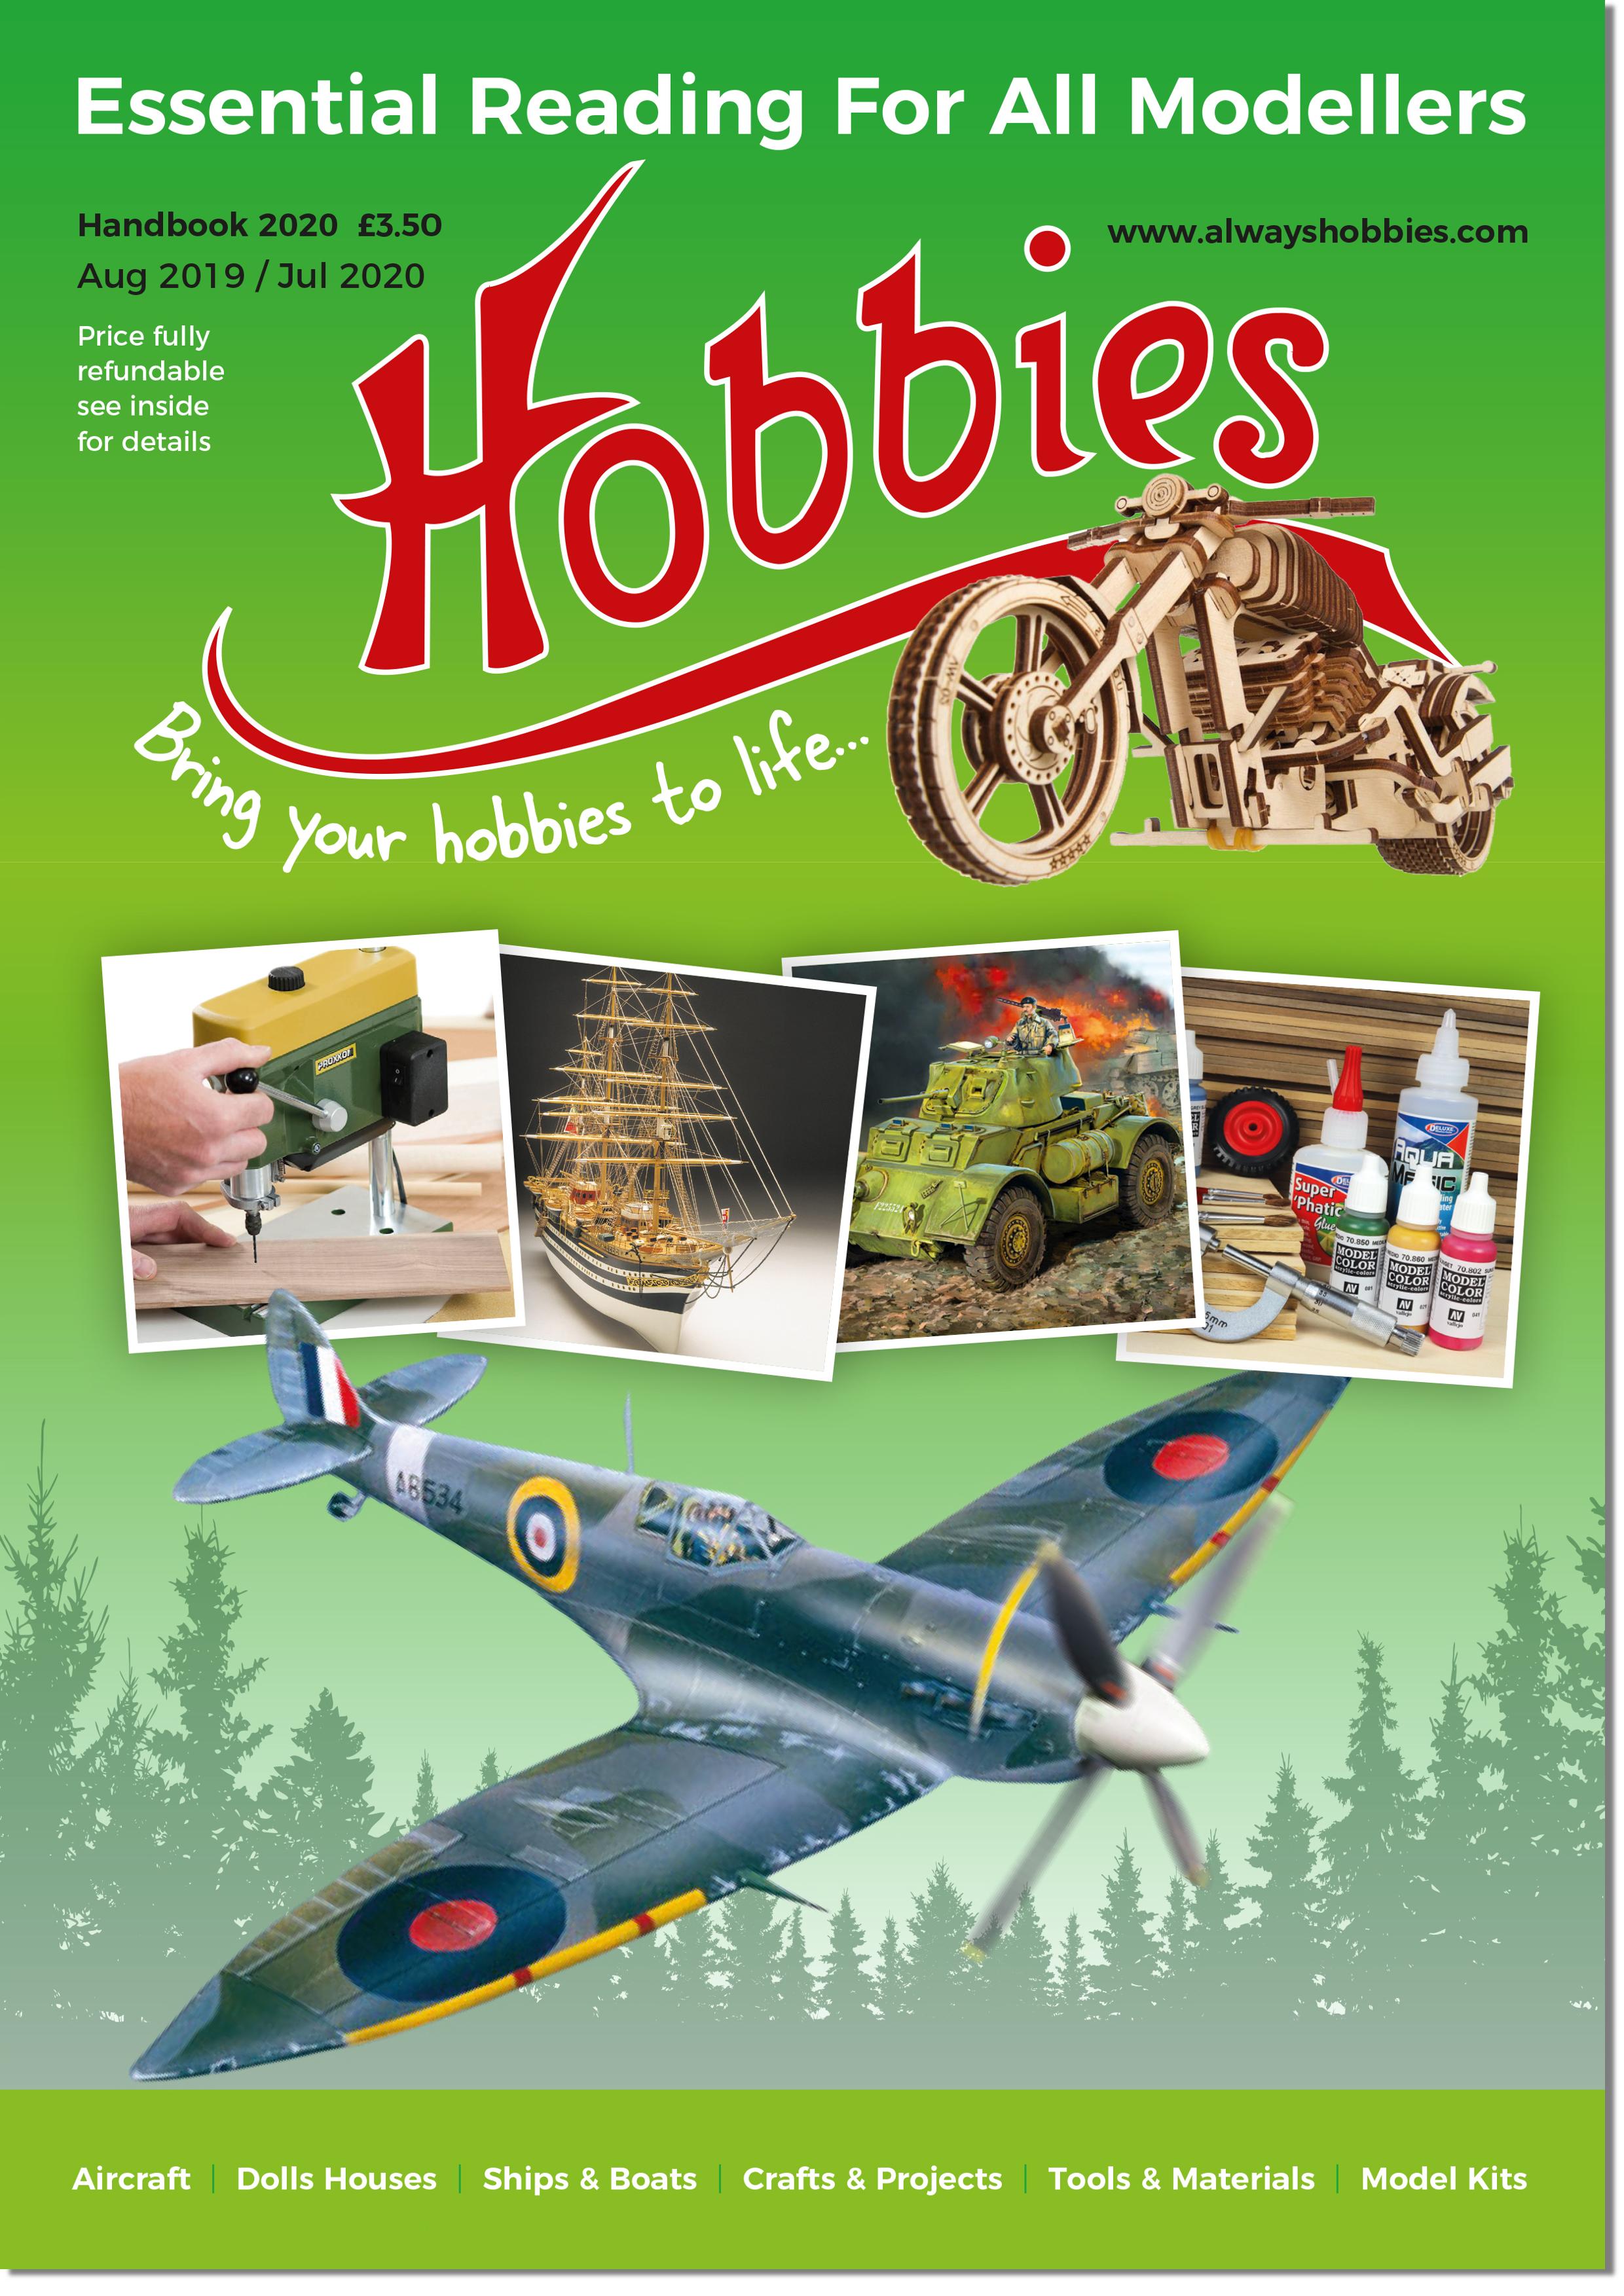 2020 Hobbies Handbook